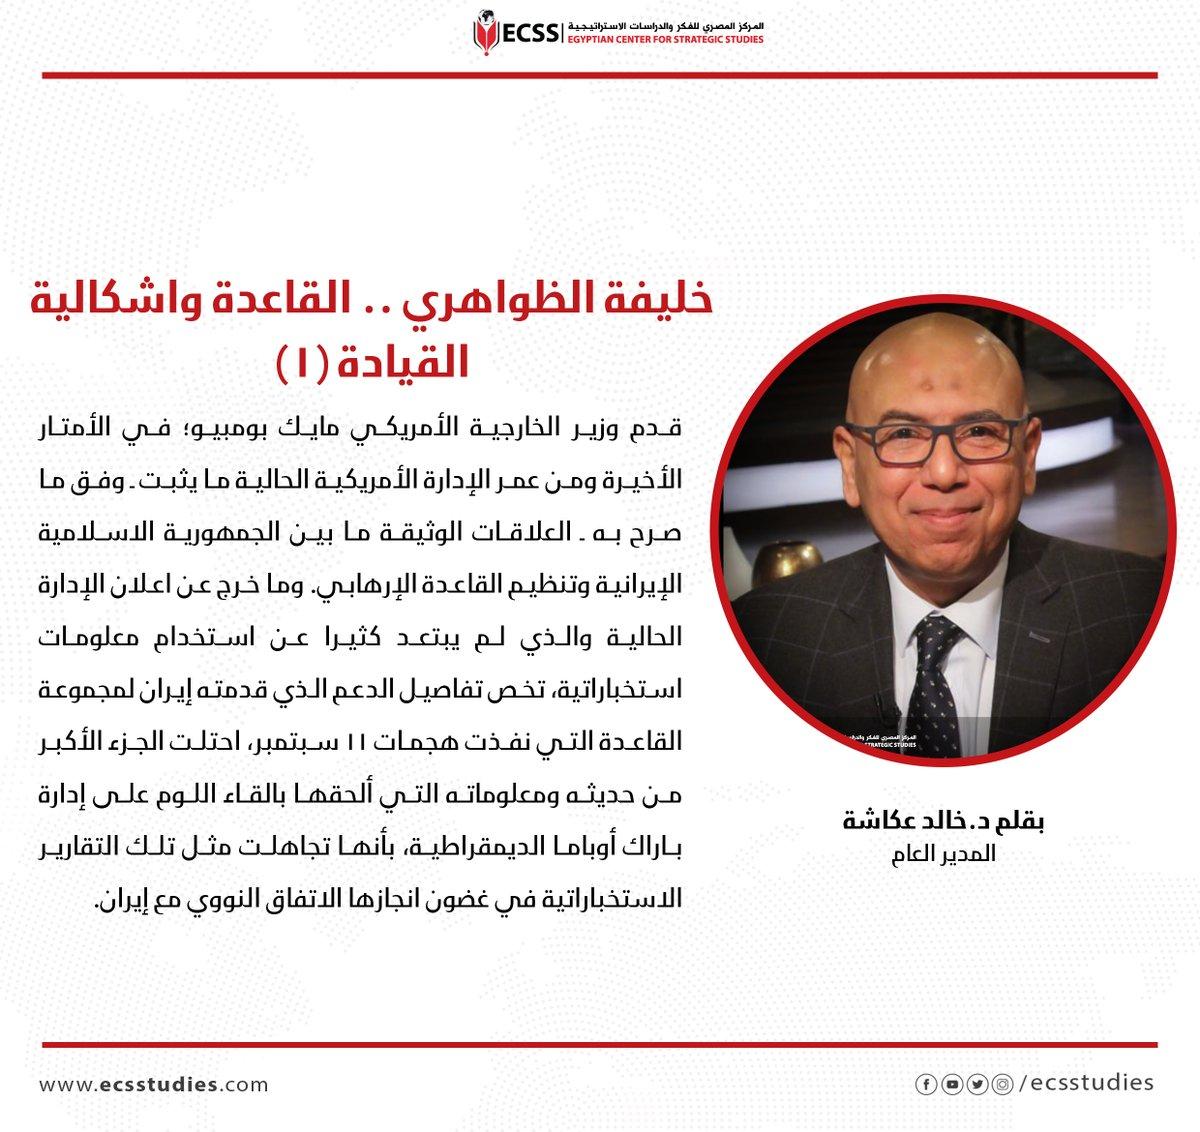 خليفة الظواهري .. القاعدة واشكالية القيادة (1) بقلم خالد عكاشة   #تنظيم_القاعدة  #أيمن_الظواهري  #الولايات_المتحدة_الأمريكية